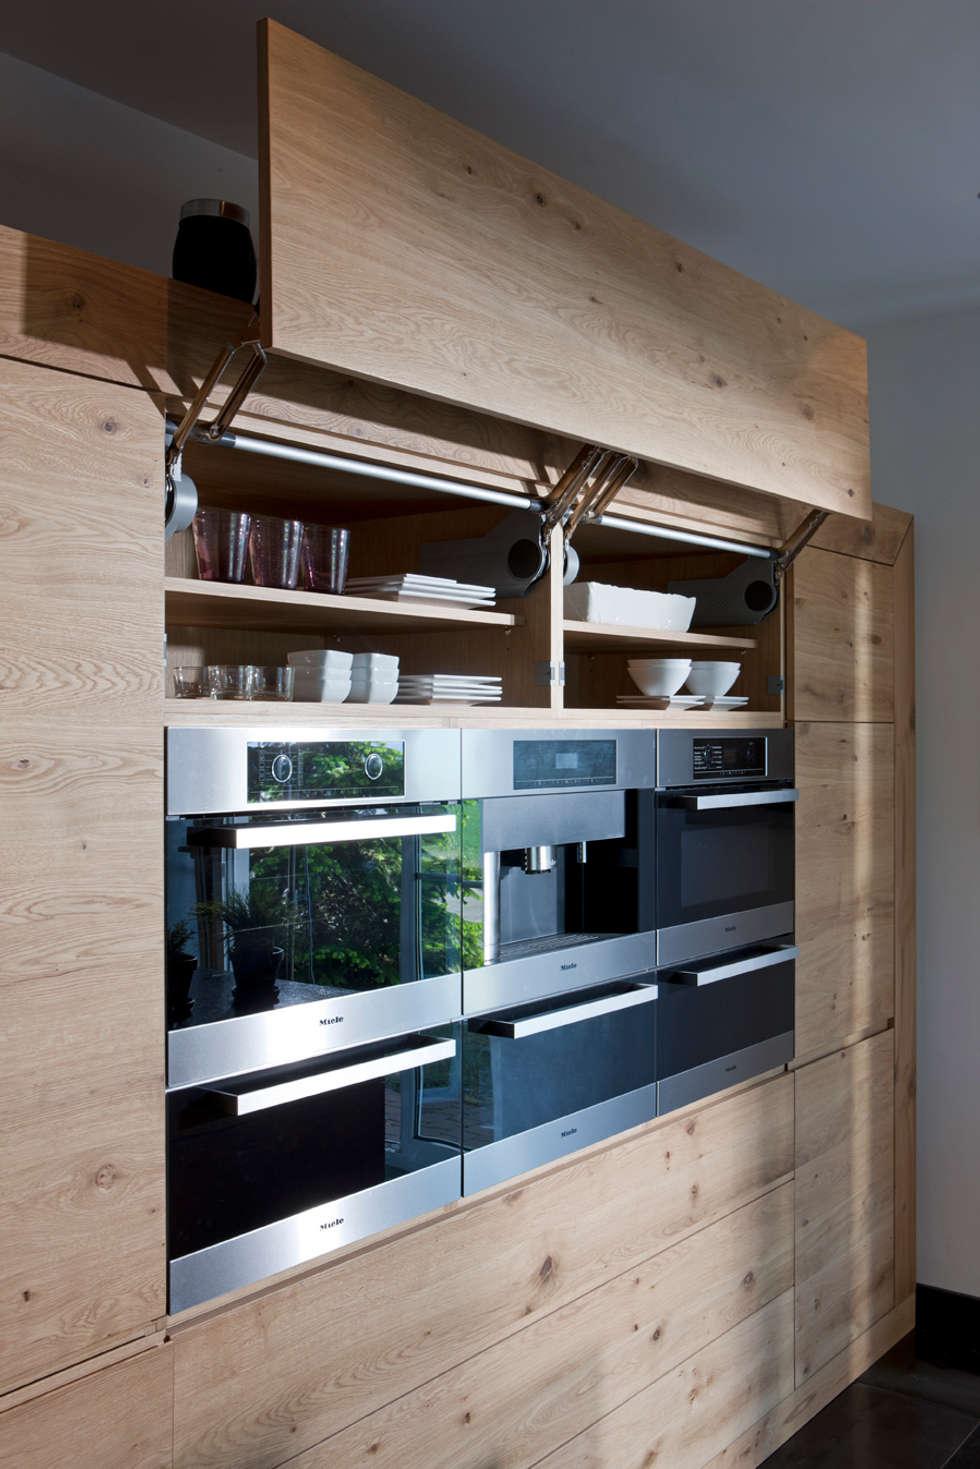 Baur Küchen wohnideen interior design einrichtungsideen bilder homify